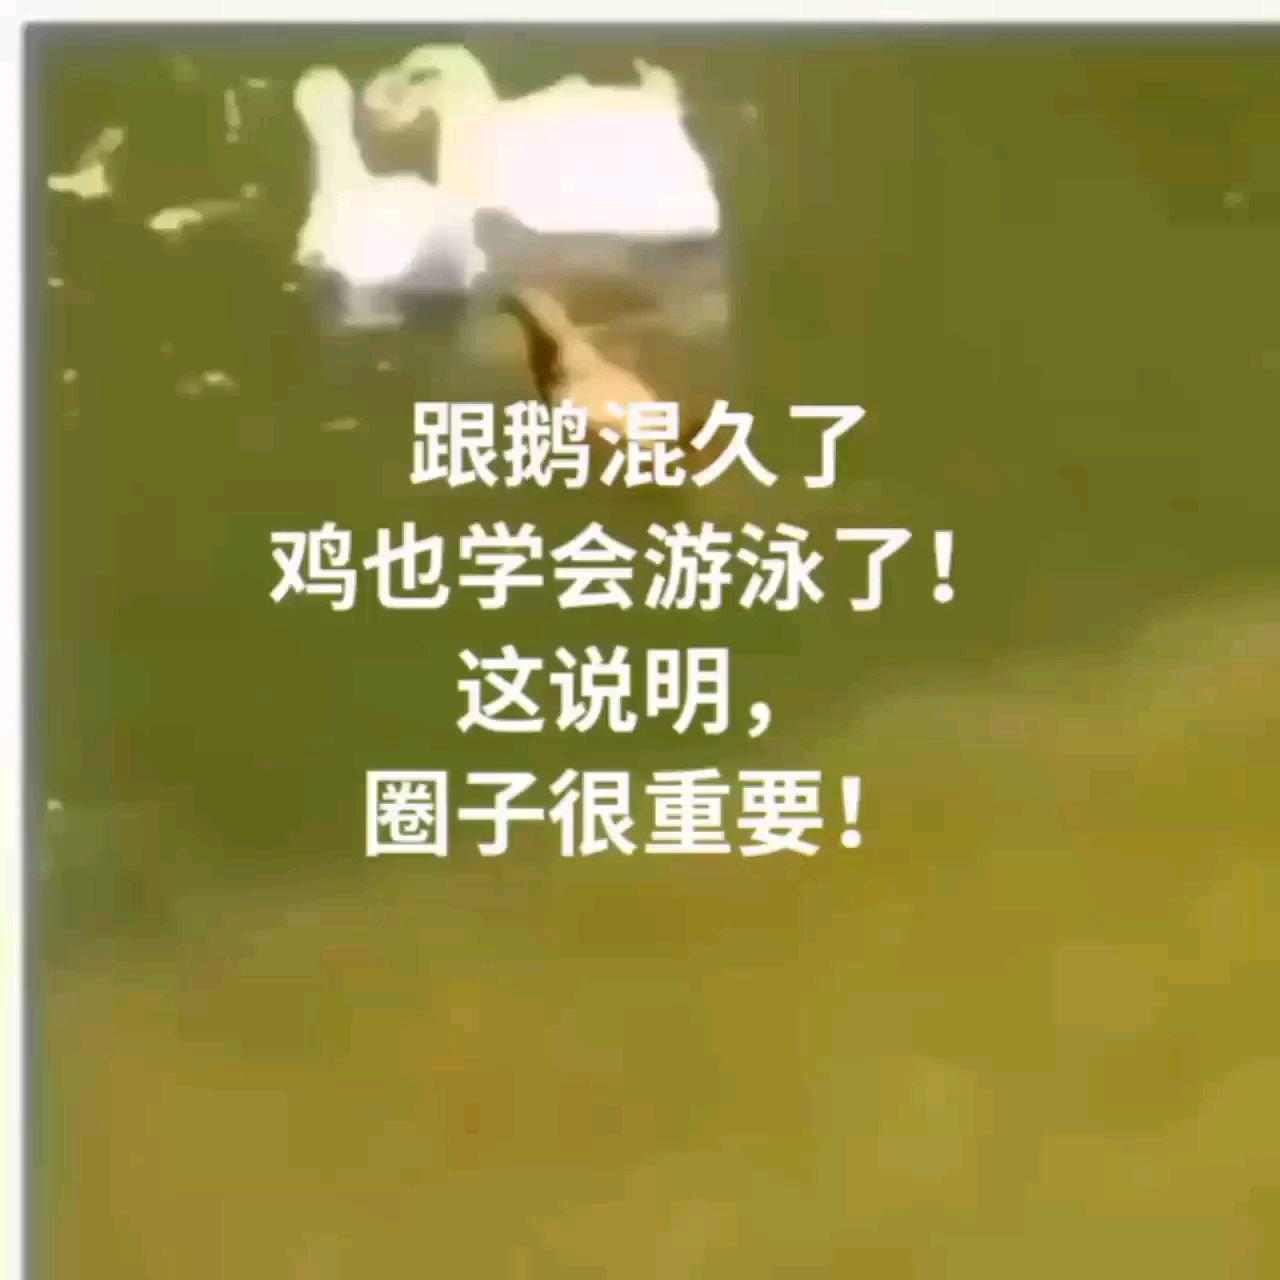 跟鹅混久了 鸡也学会游泳了! 这说明, 圈子很重要!